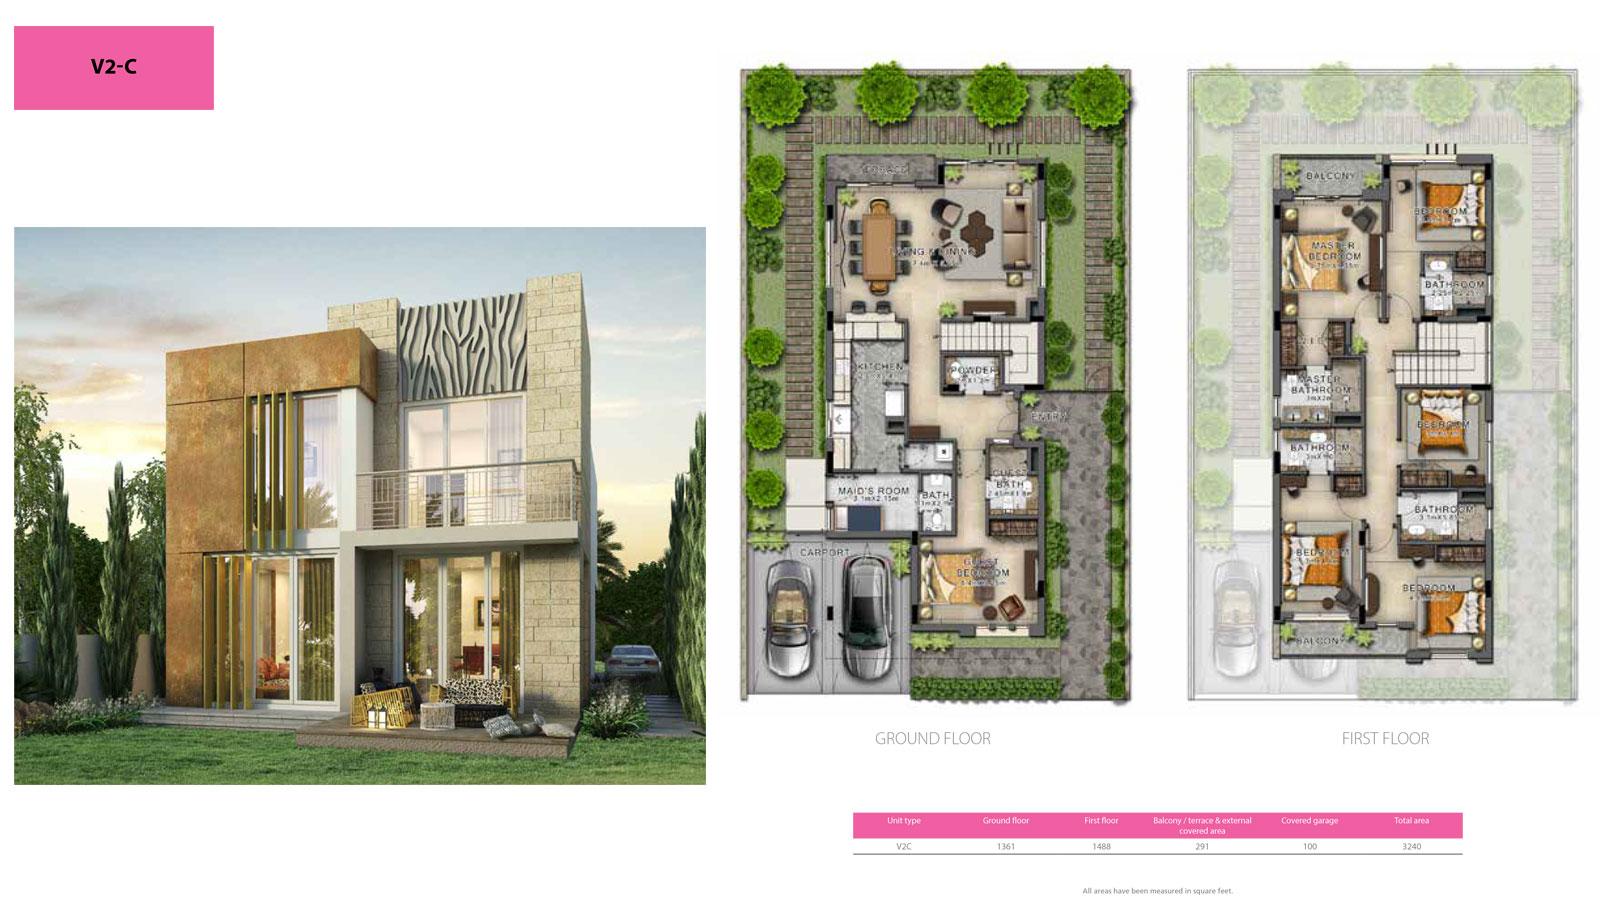 3 BR V2C    3 Bedroom Villa, Size 3240 sq ft